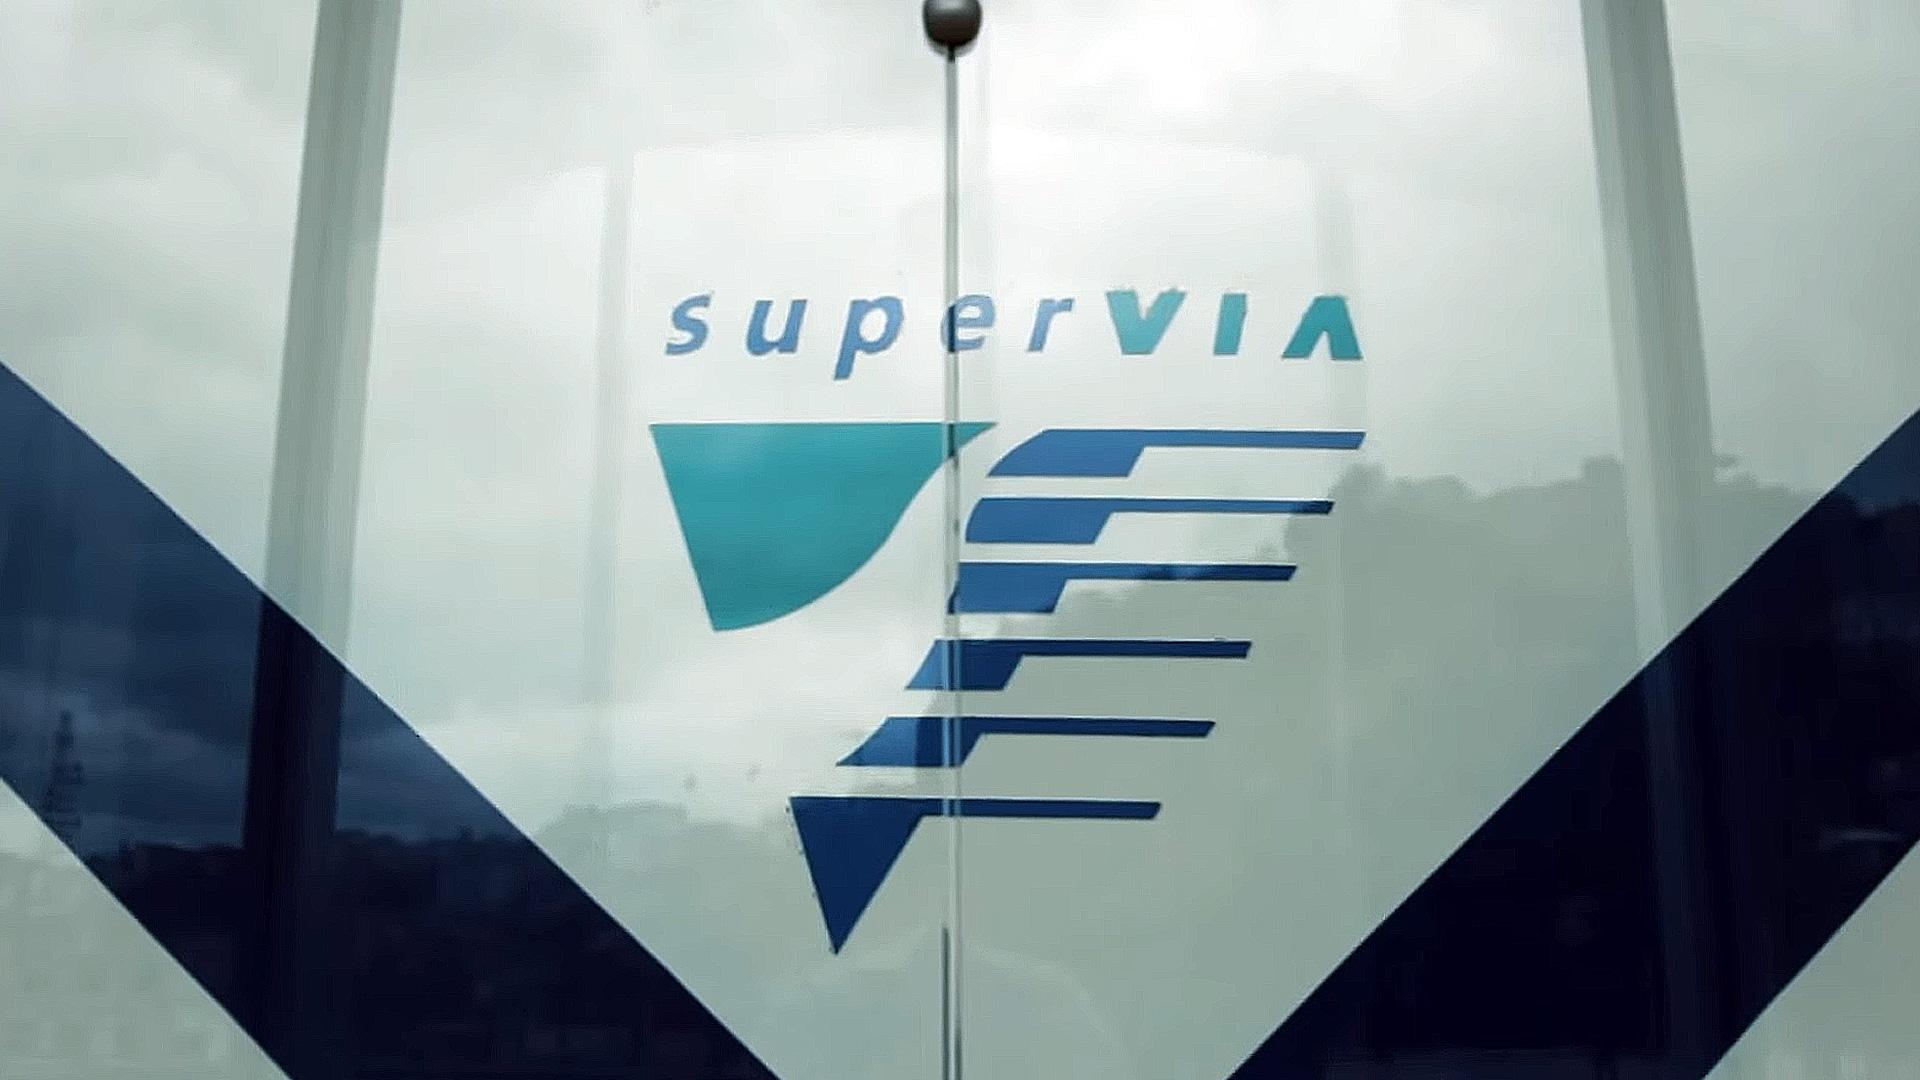 supervia_cto